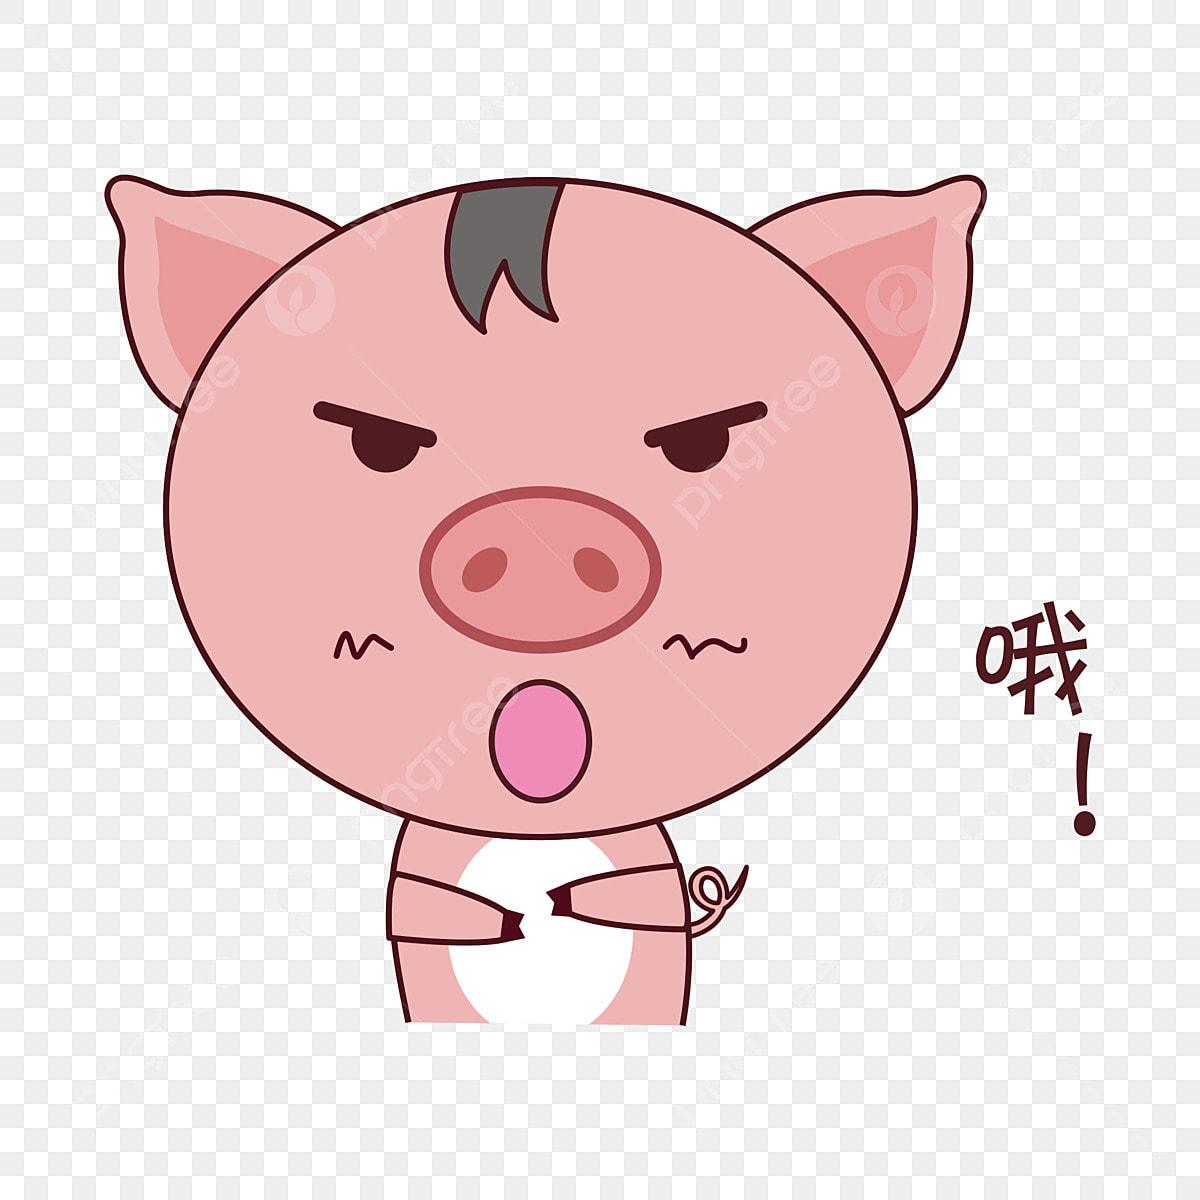 Babi Kartun Ekspresi Tangan Gaya Kartun Ekspresi Kartun Babi